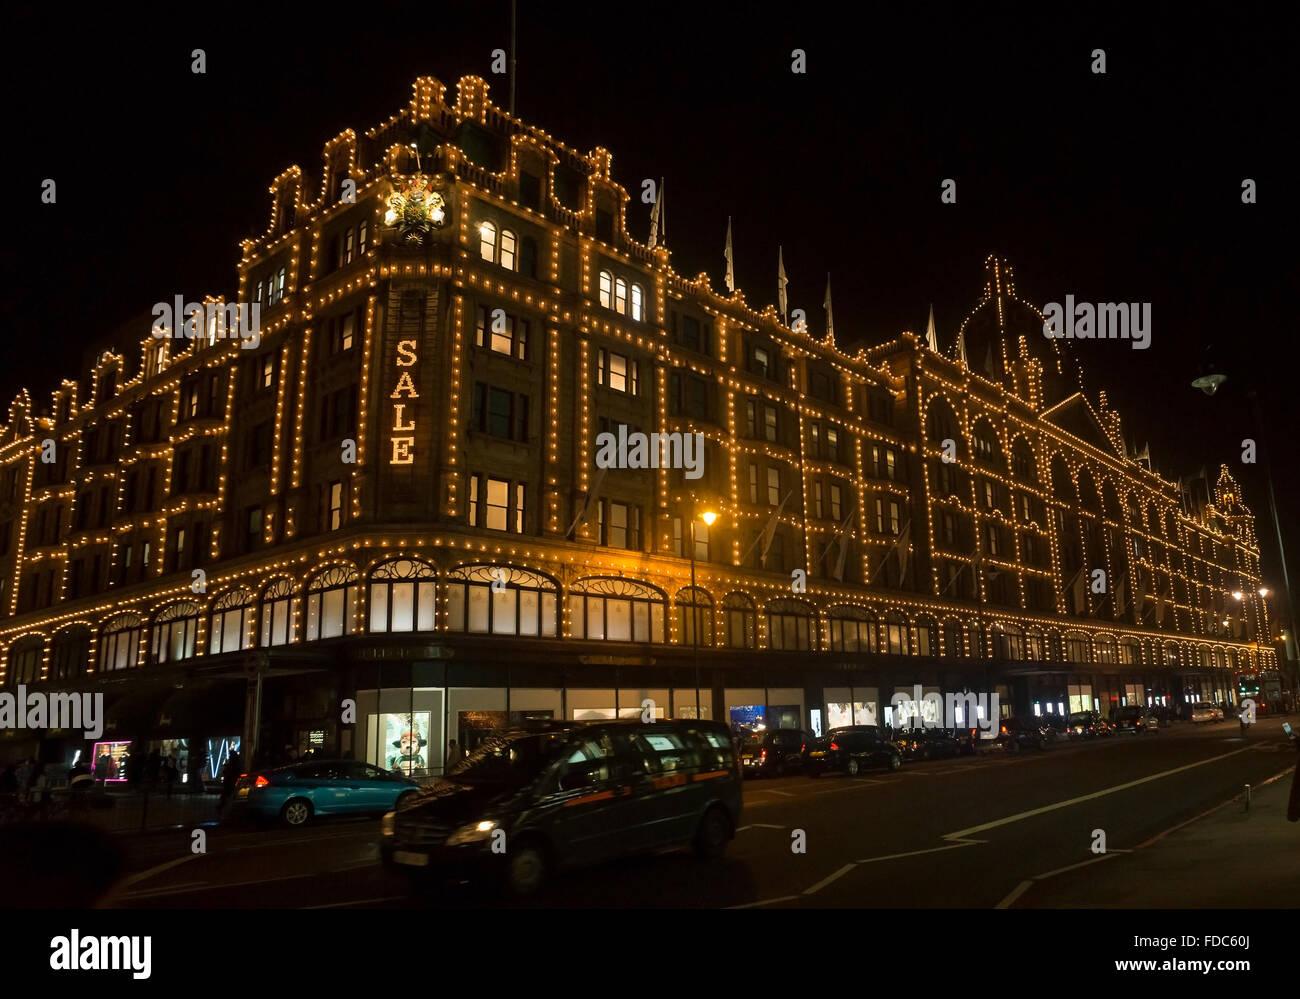 Harrods. Die legendäre Luxus-Kaufhaus, befindet sich im Zentrum von London Knightsbridge. Stockbild